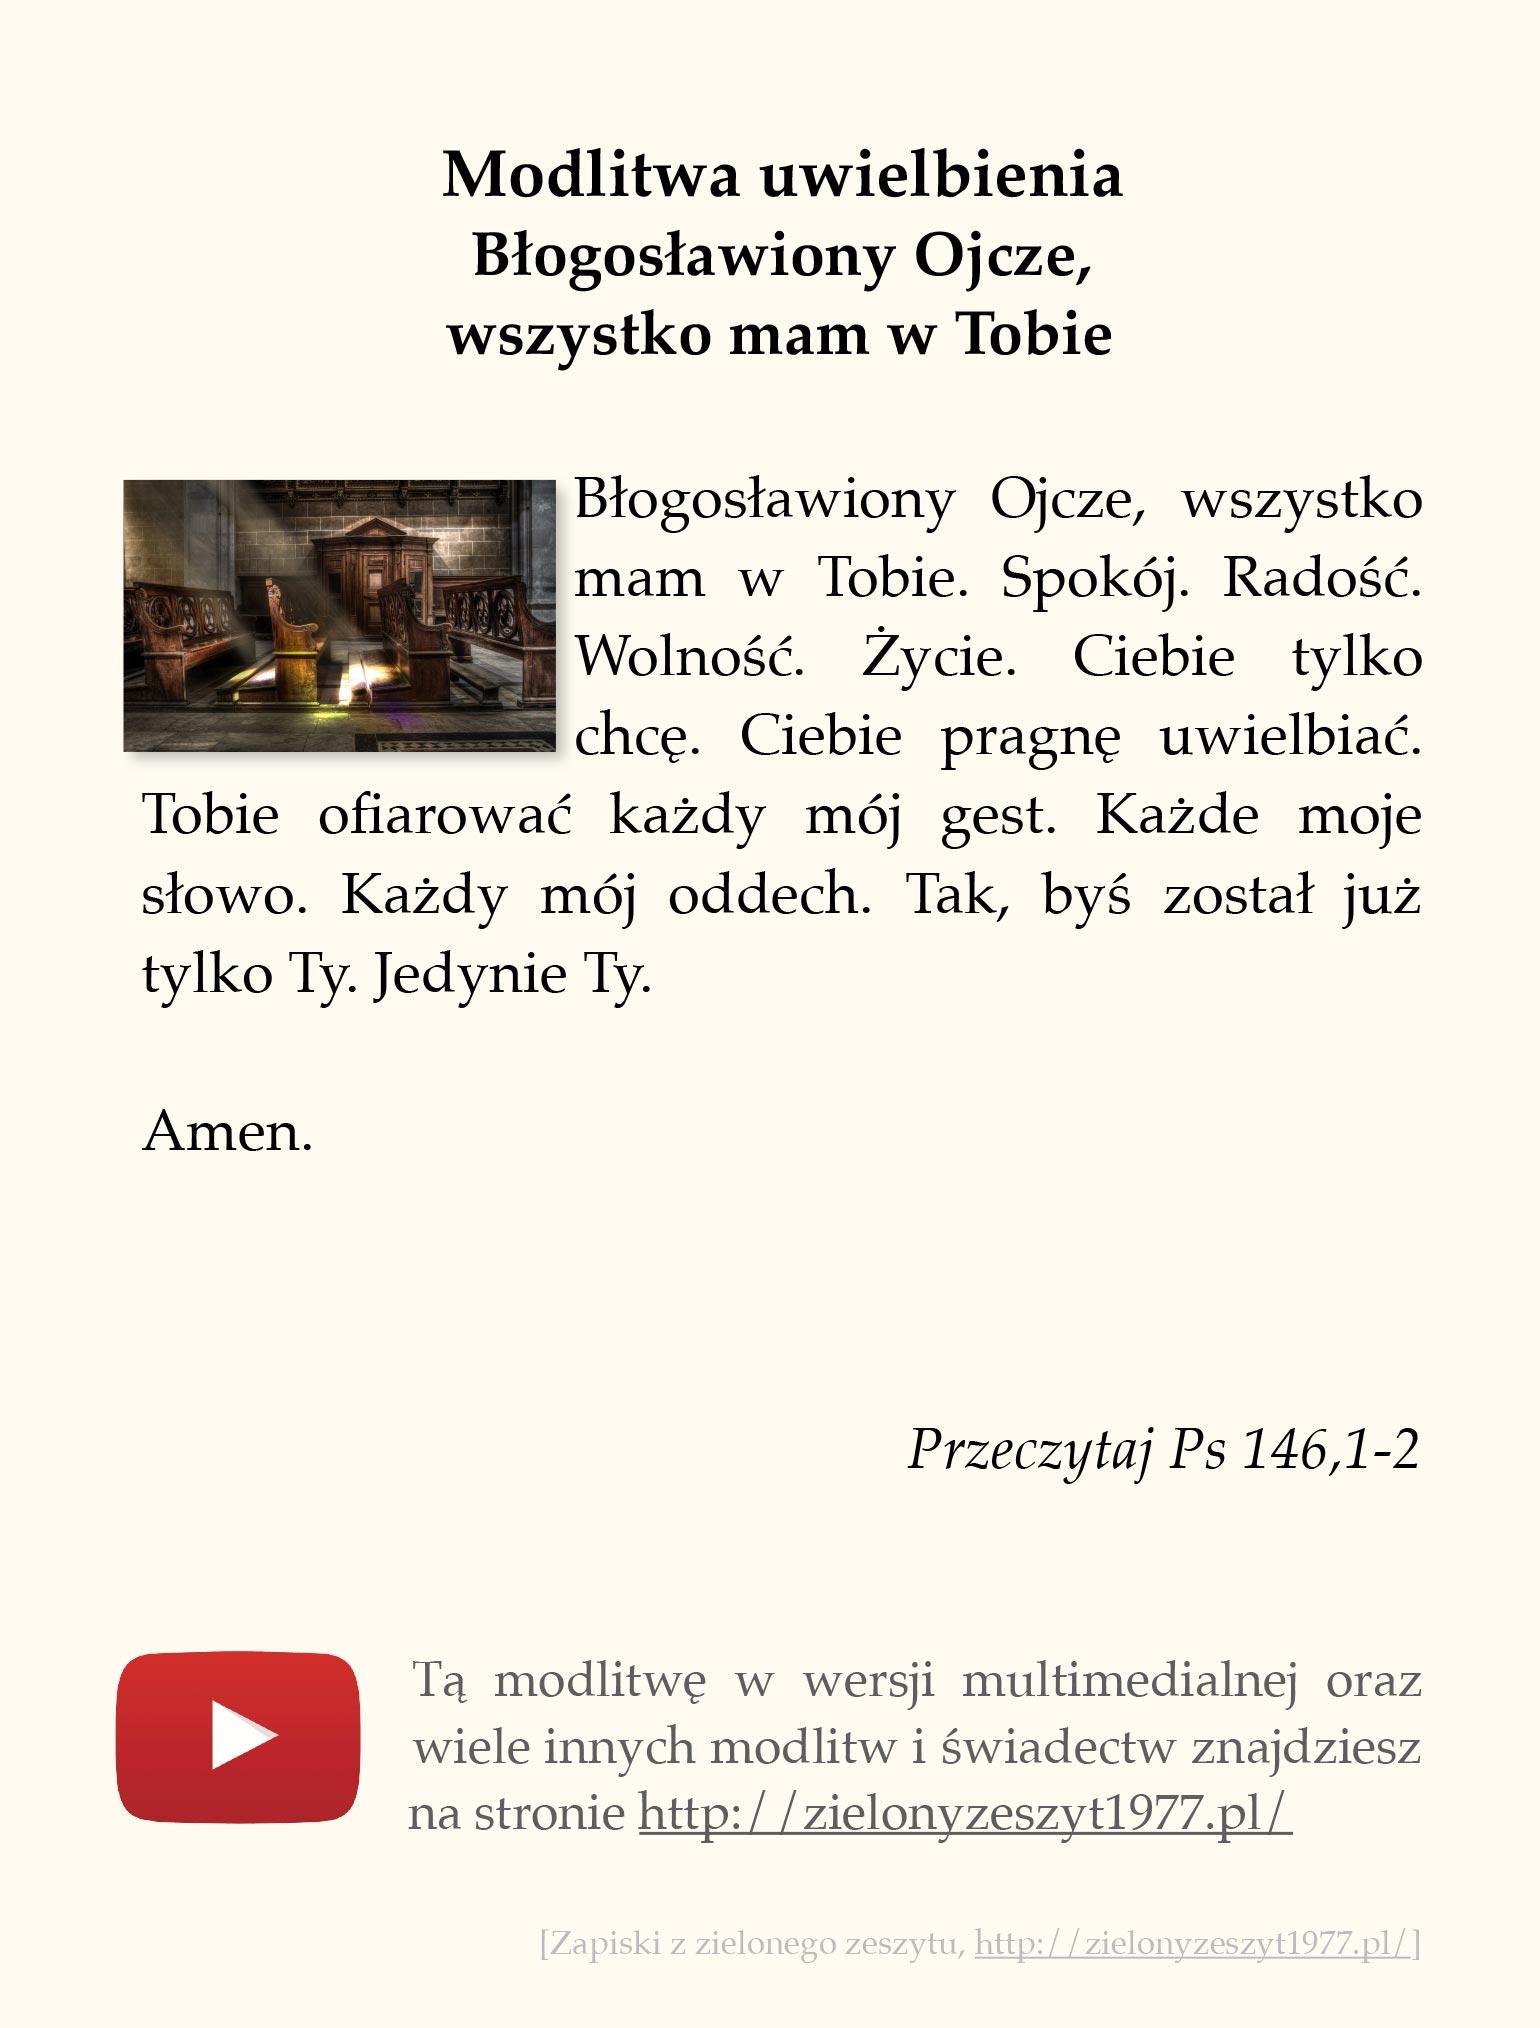 Modlitwa uwielbienia - Błogosławiony Ojcze, wszystko mam w Tobie